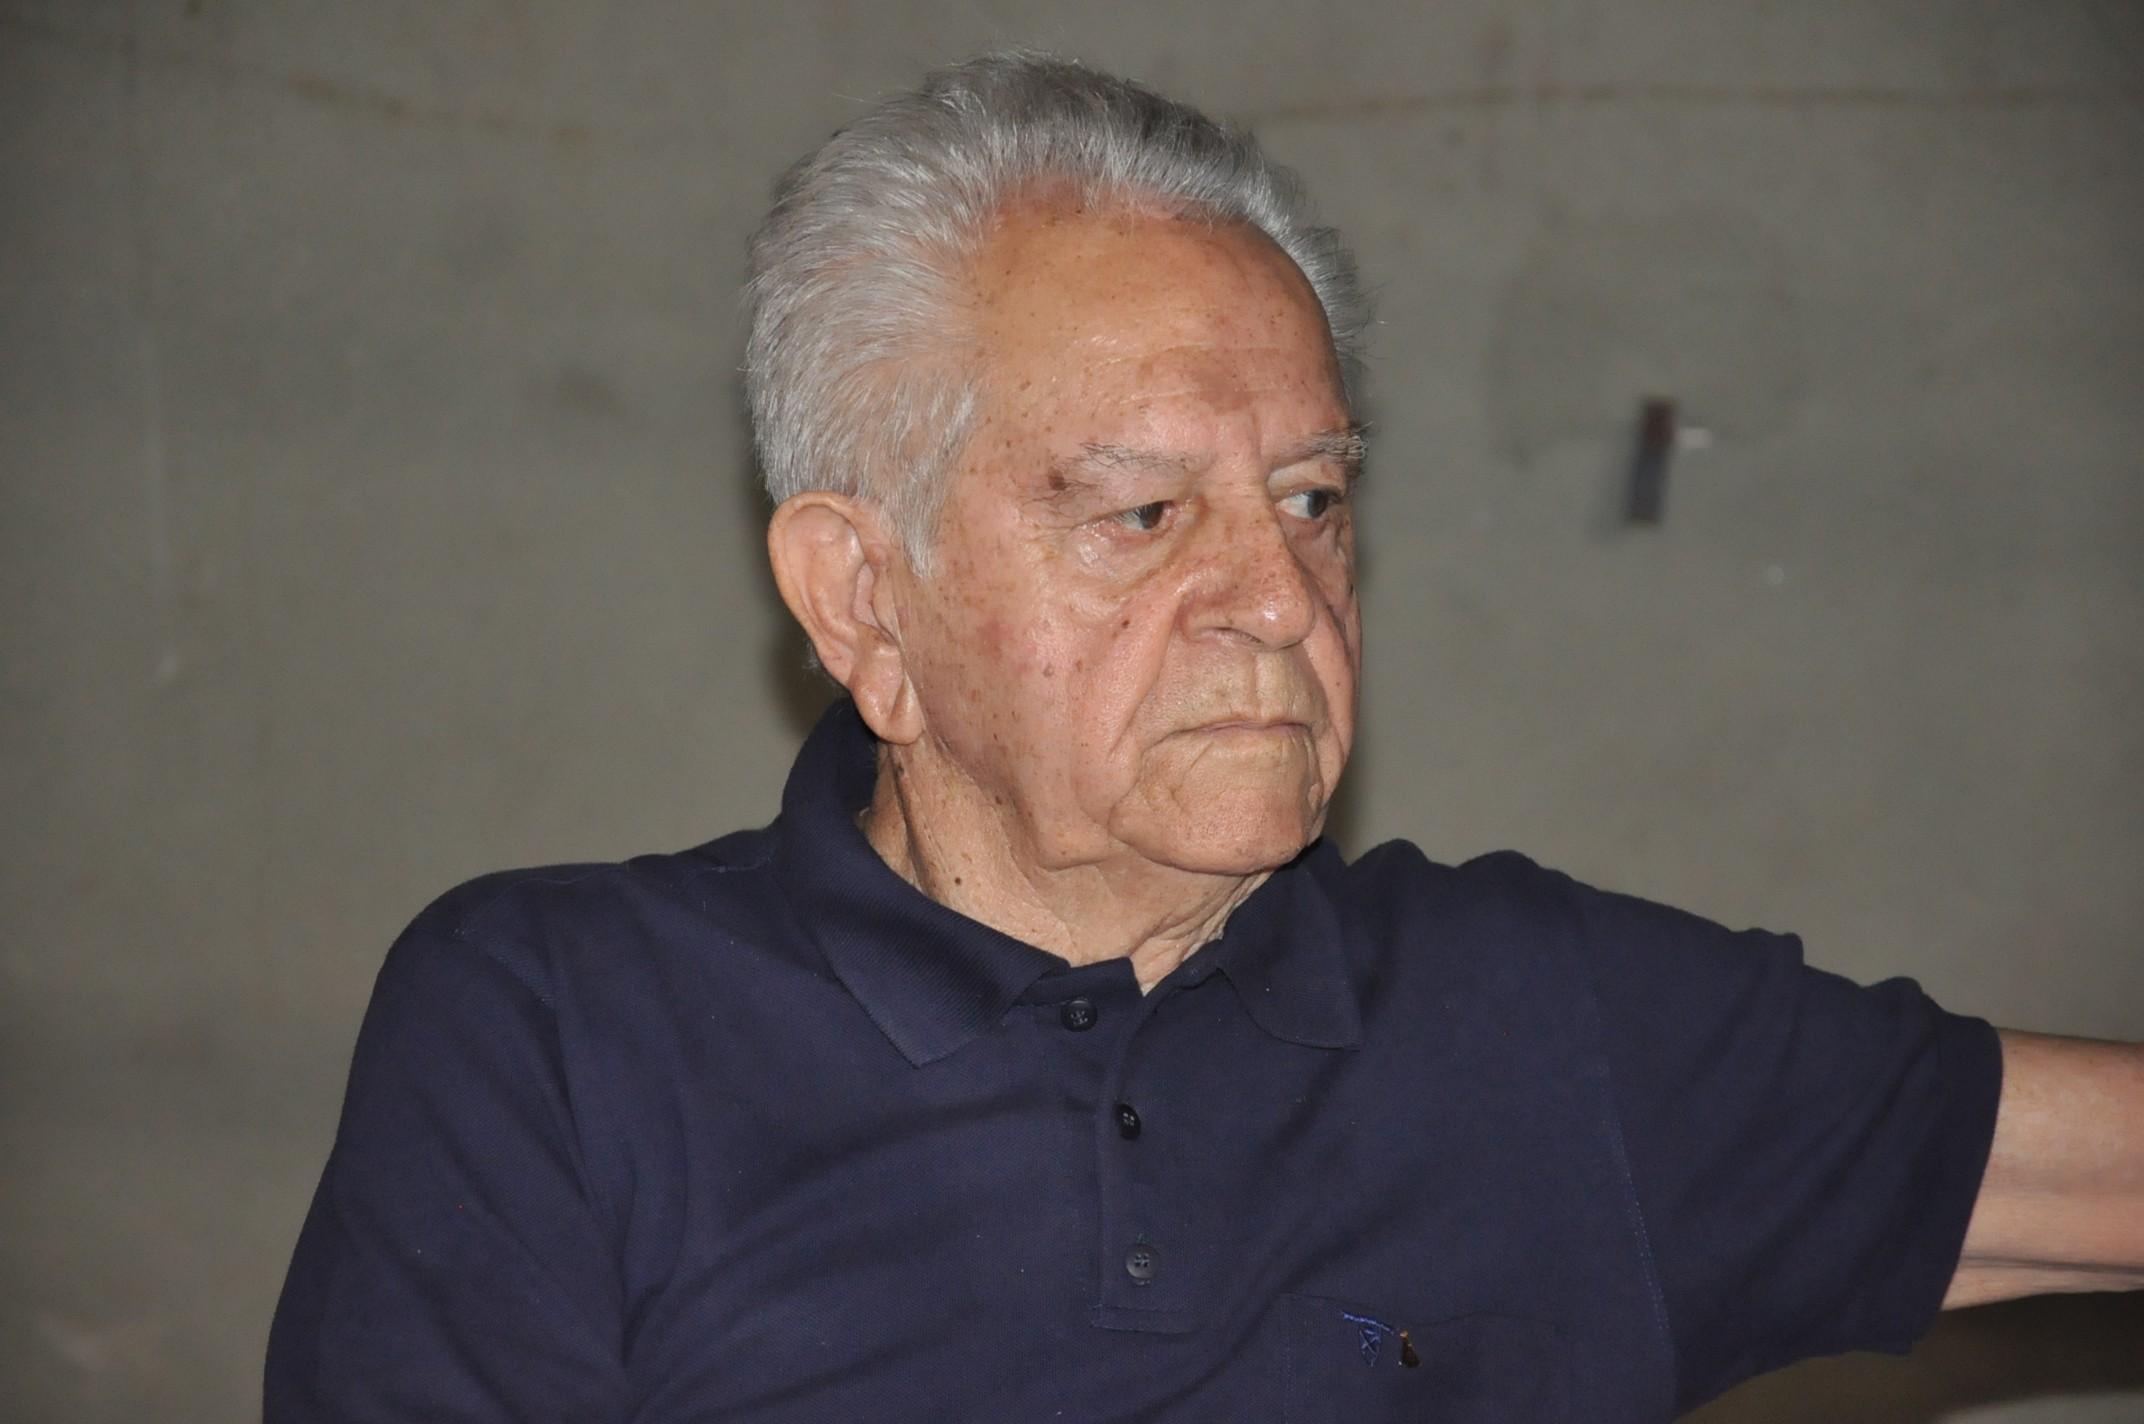 STF acata pedido de liminar e suspende arquivamento de denúncia contra o prefeito na Câmara de Divinópolis - Noticias